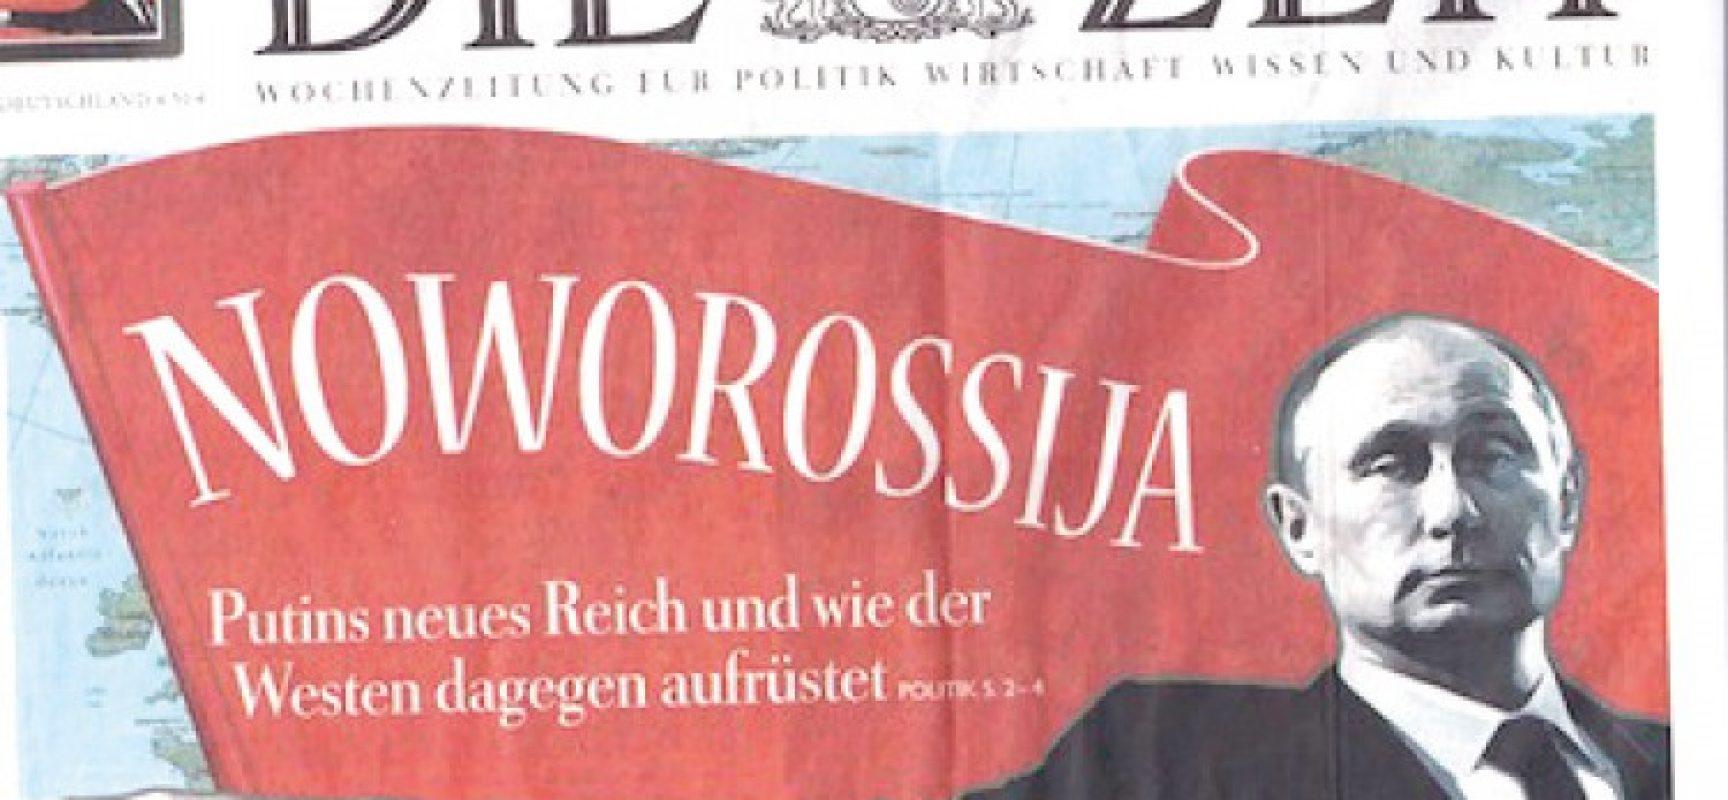 Wie haben deutsche Medien auf den russischen Hybridkrieg in der Ukraine reagiert?